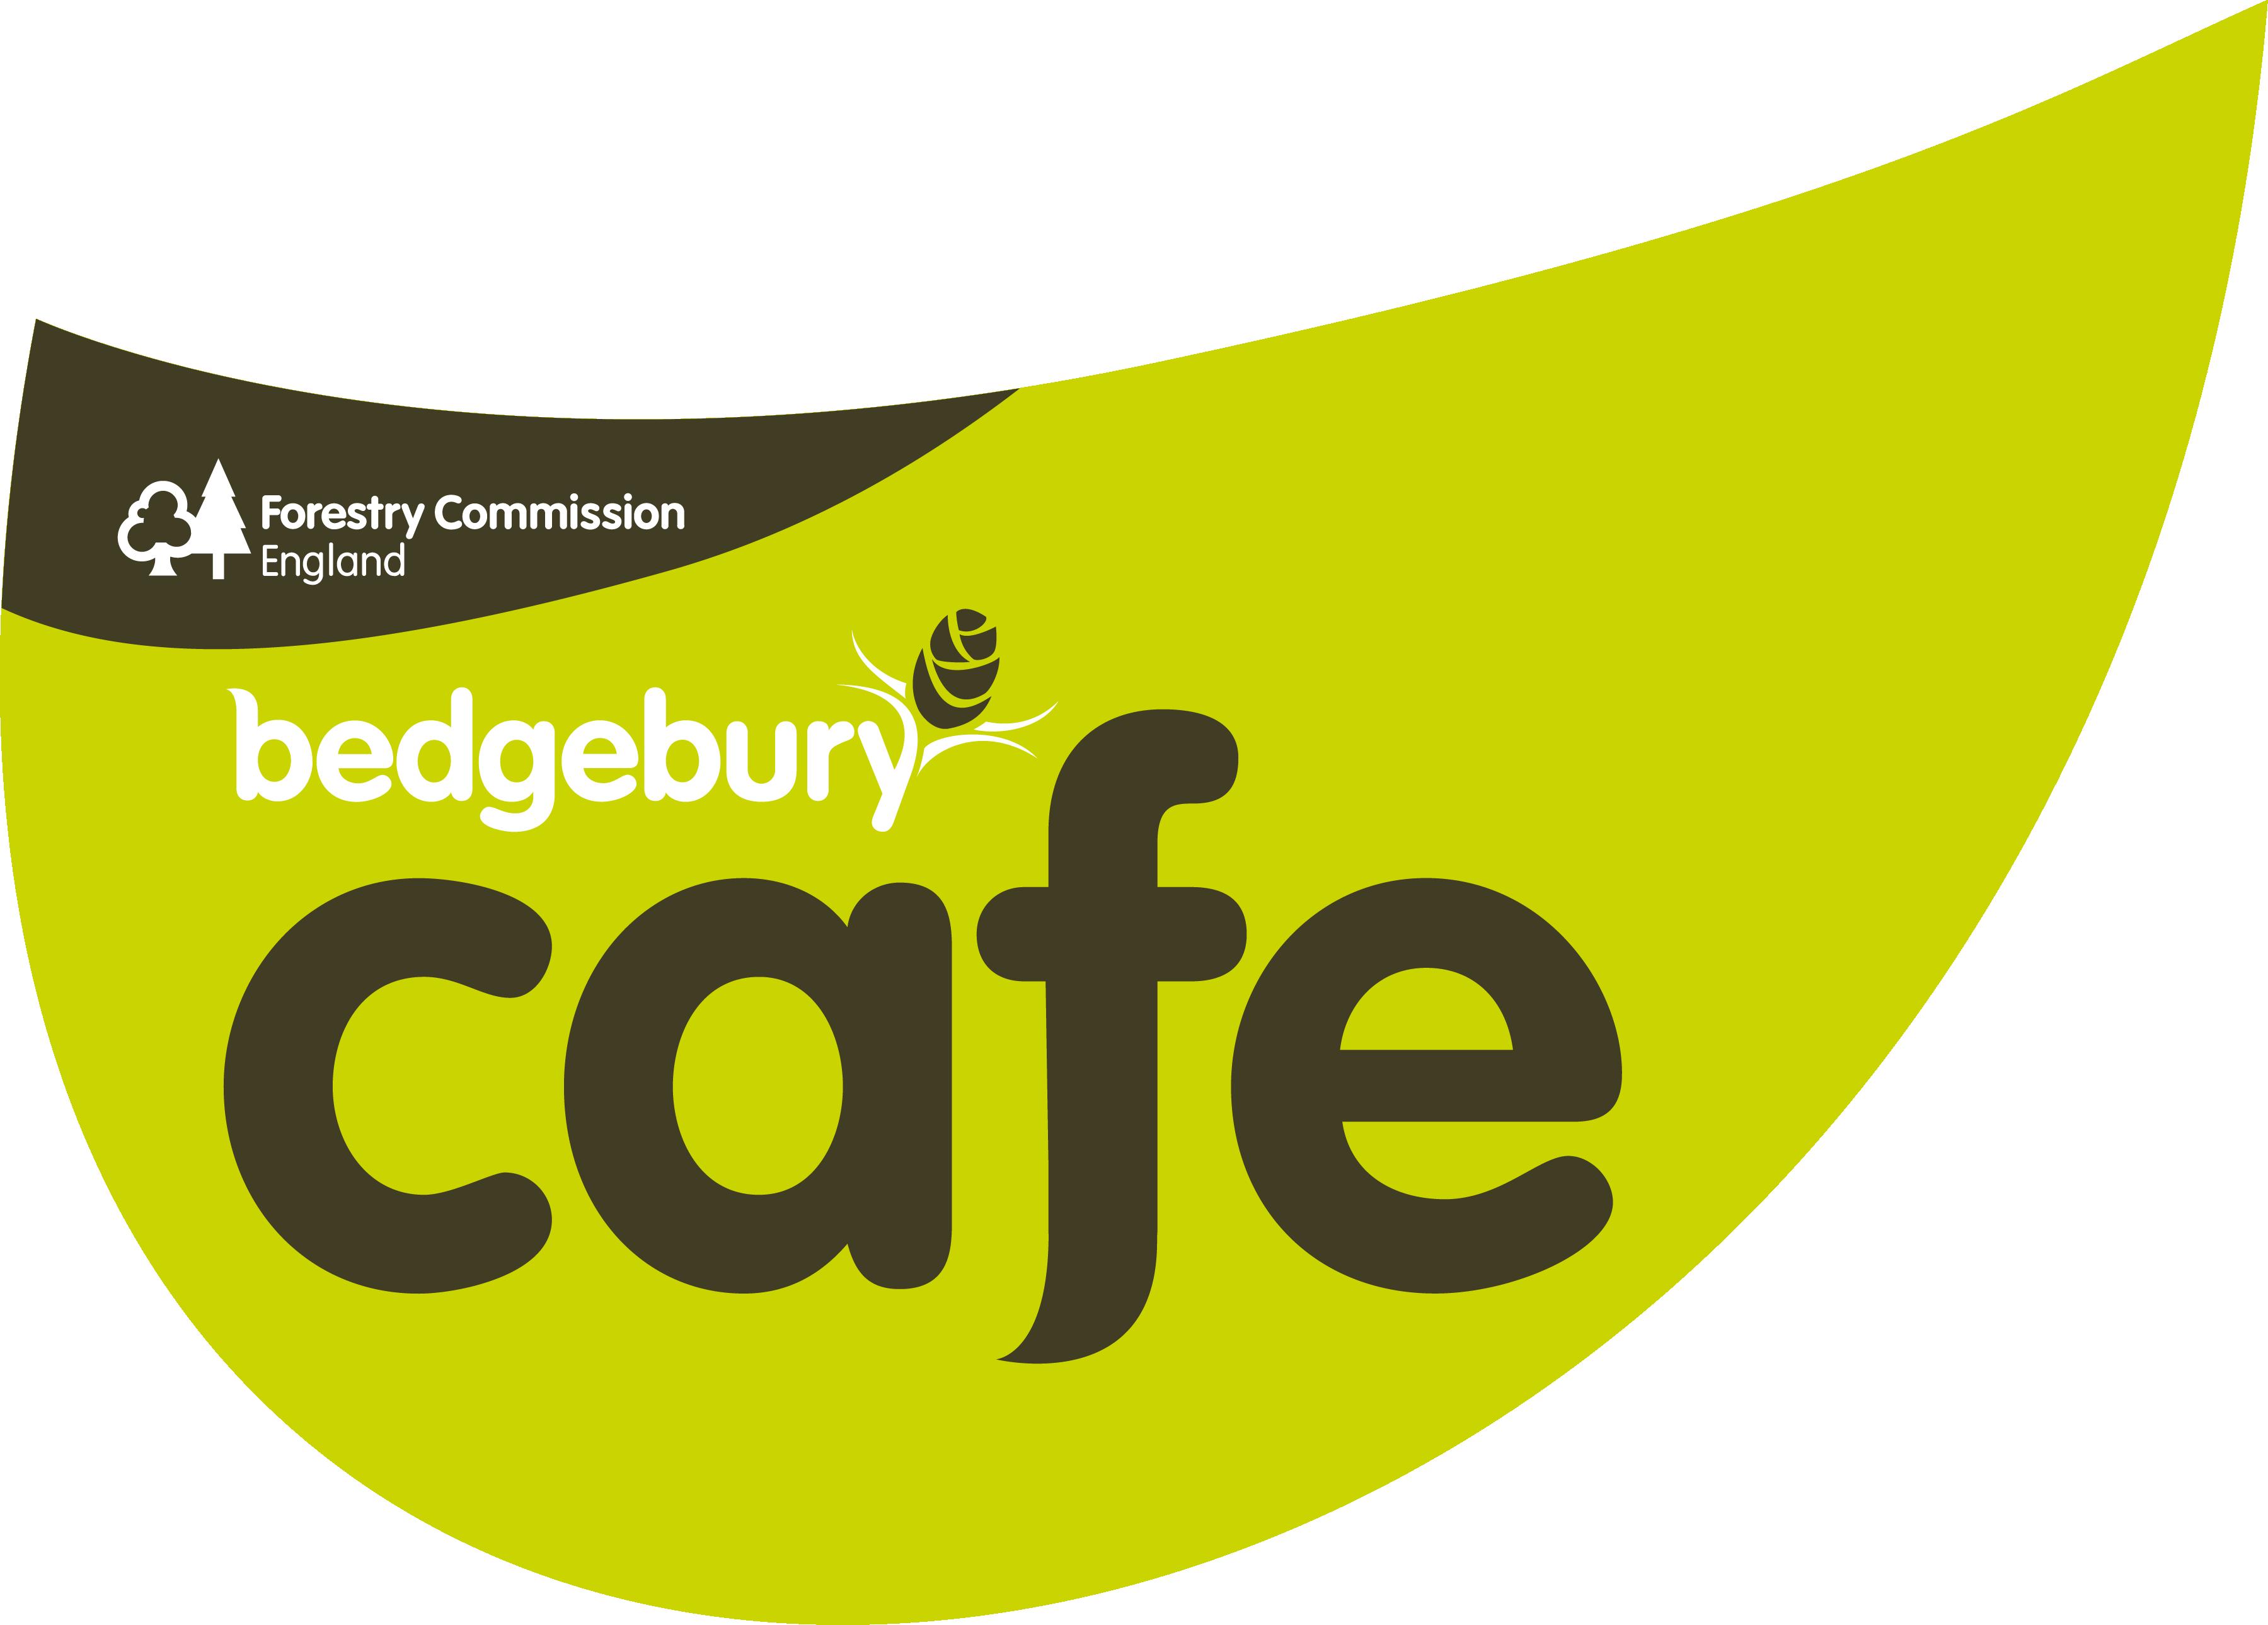 35d559f36da Bedgebury Café - Bedgebury Cafe